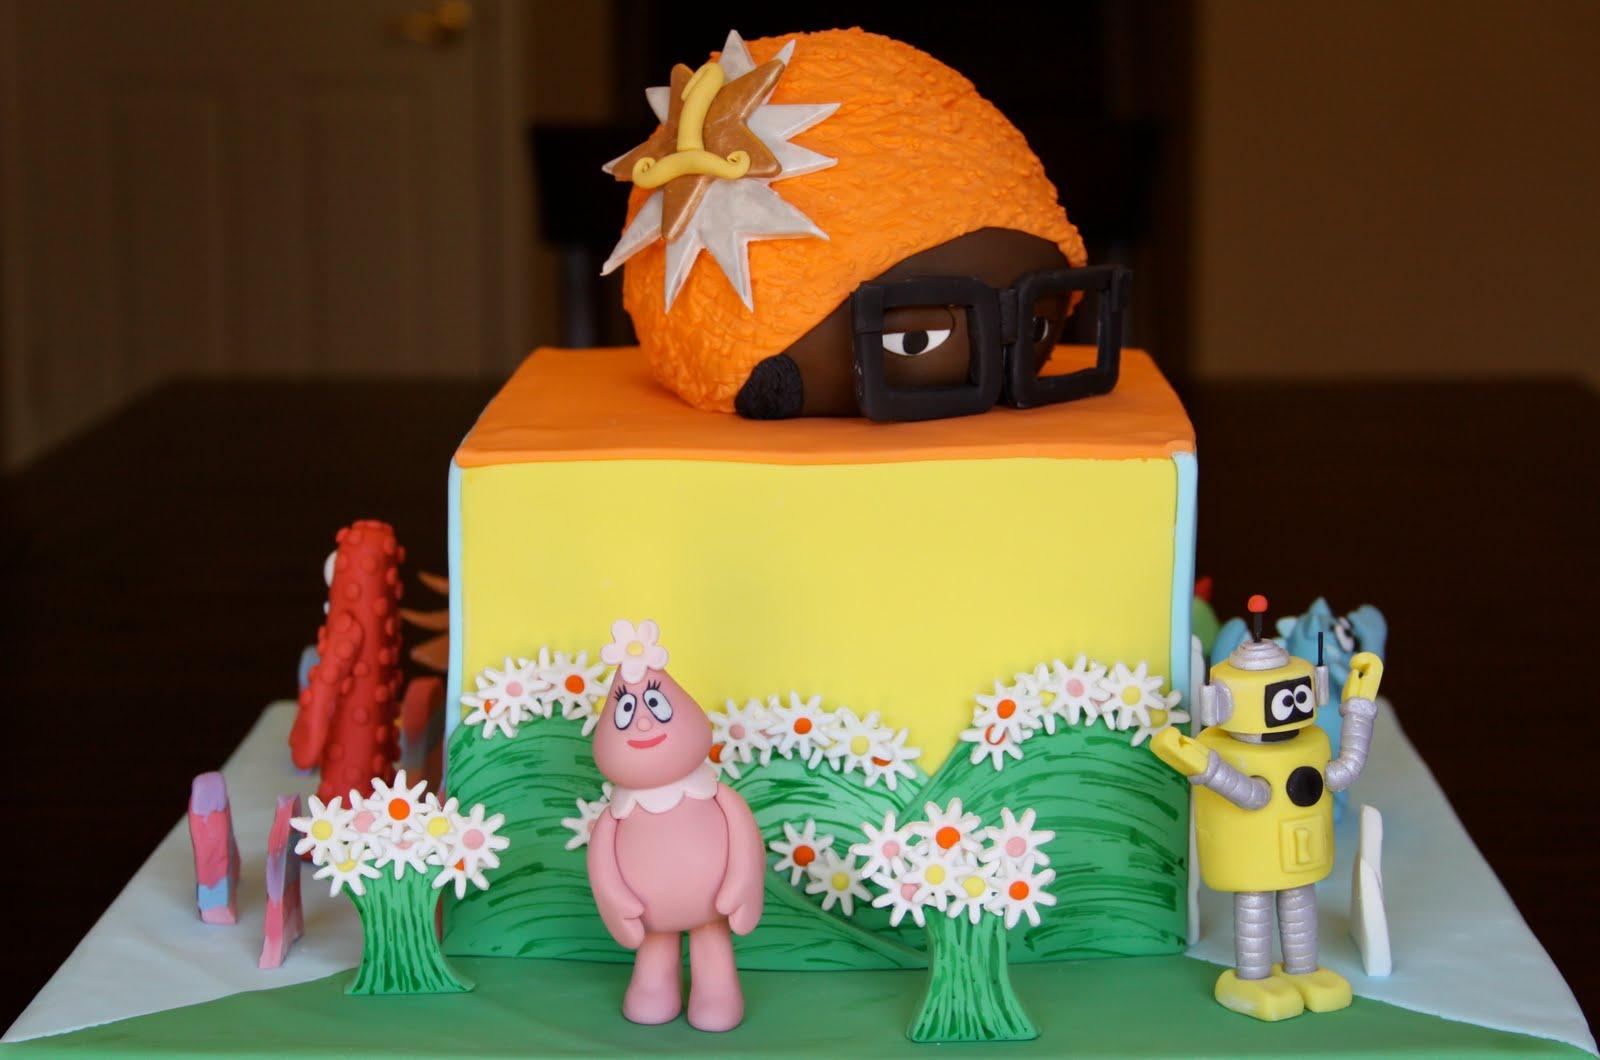 10 Gorgeous Yo Gabba Gabba Cakes Ideas yo gabba gabba cakes decoration ideas little birthday cakes 5 2020